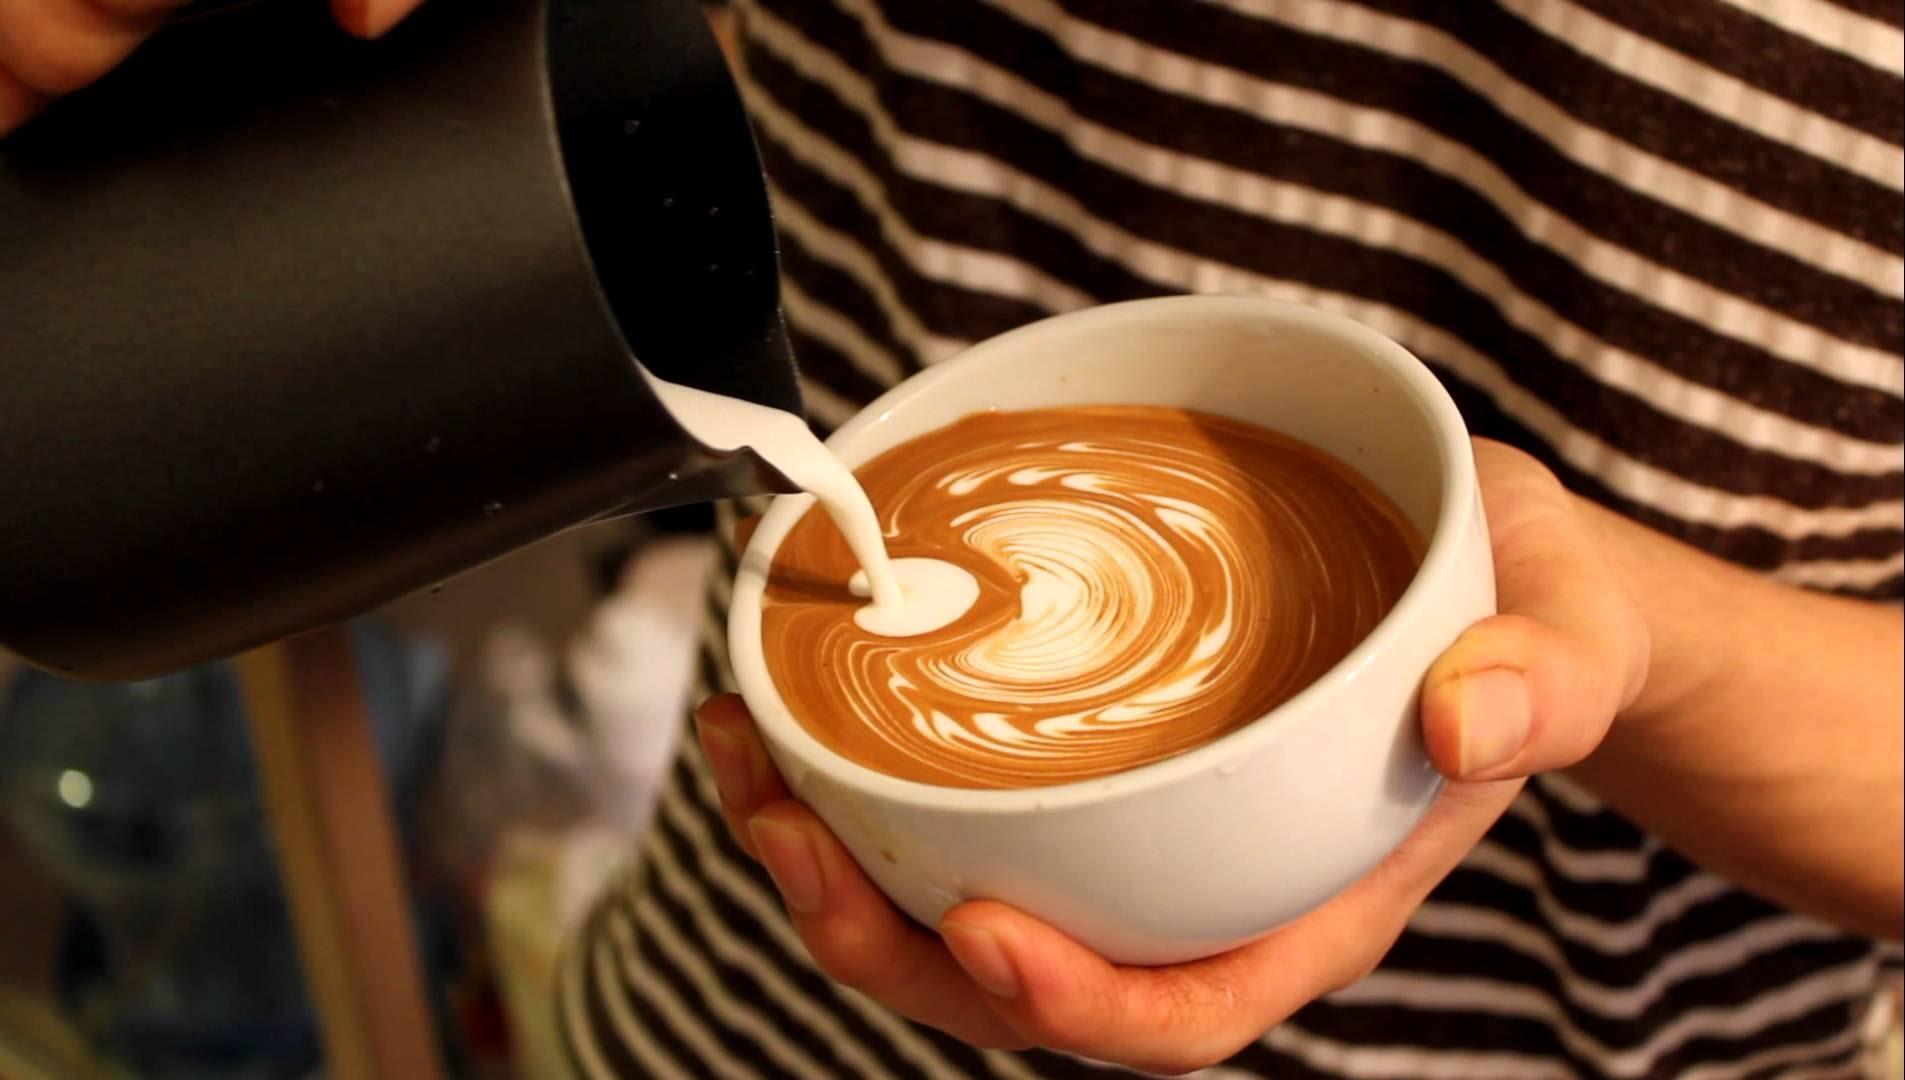 Cà phê sạch không chỉ đem đến trải nghiệm tốt mà còn rất tốt cho sức khỏe và tinh thần.